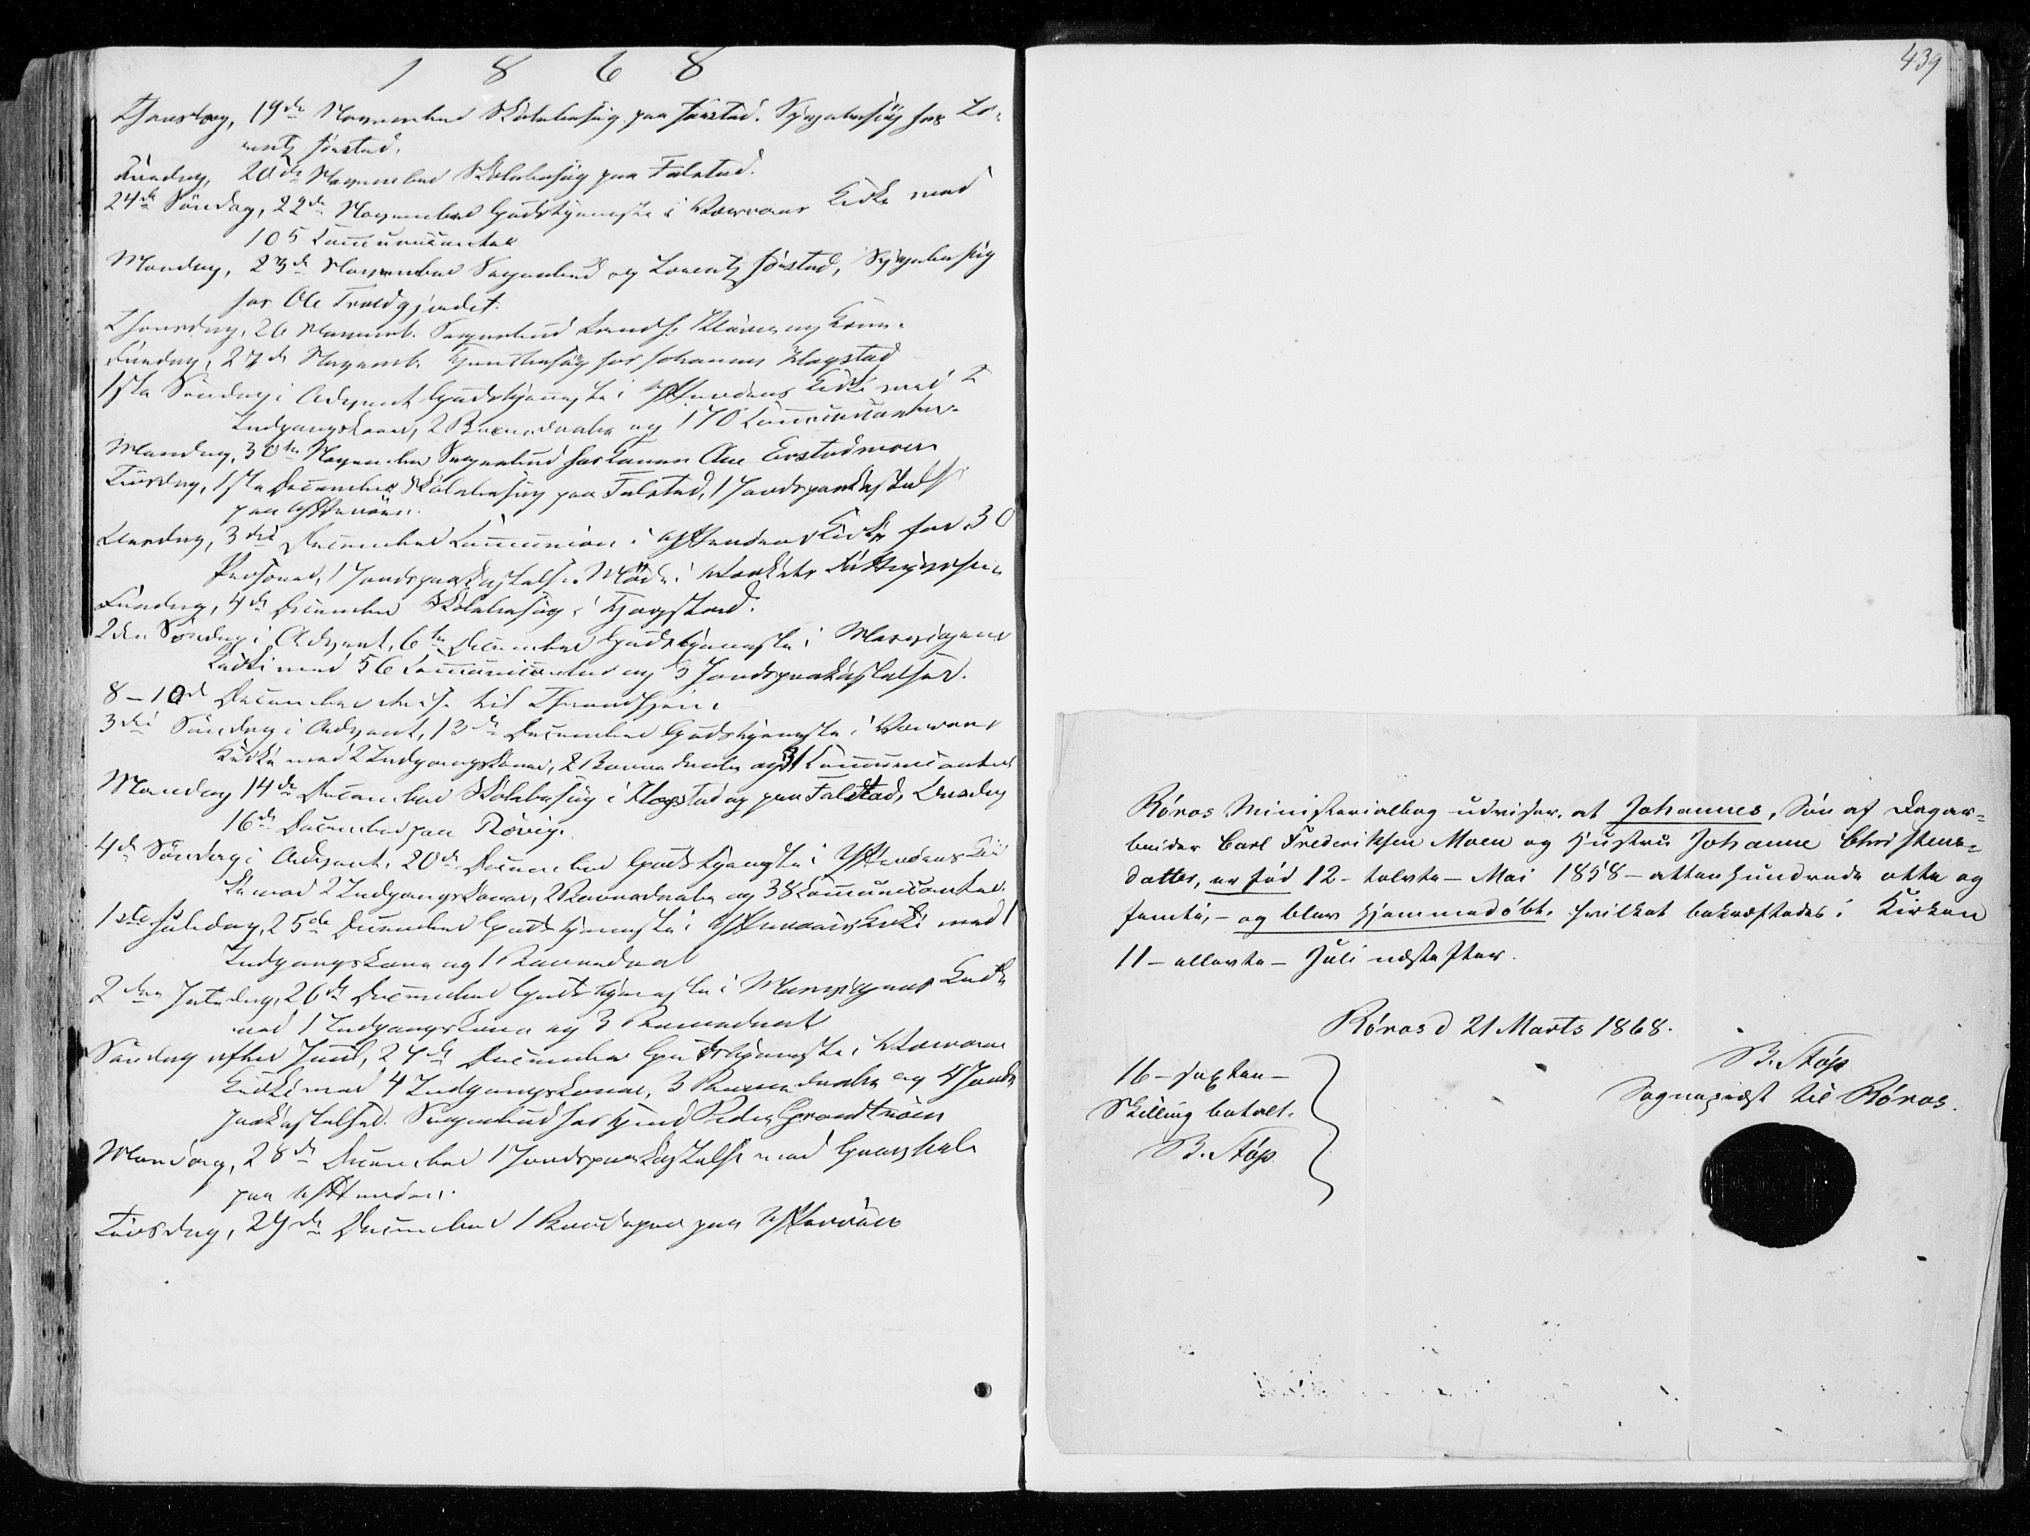 SAT, Ministerialprotokoller, klokkerbøker og fødselsregistre - Nord-Trøndelag, 722/L0218: Ministerialbok nr. 722A05, 1843-1868, s. 439